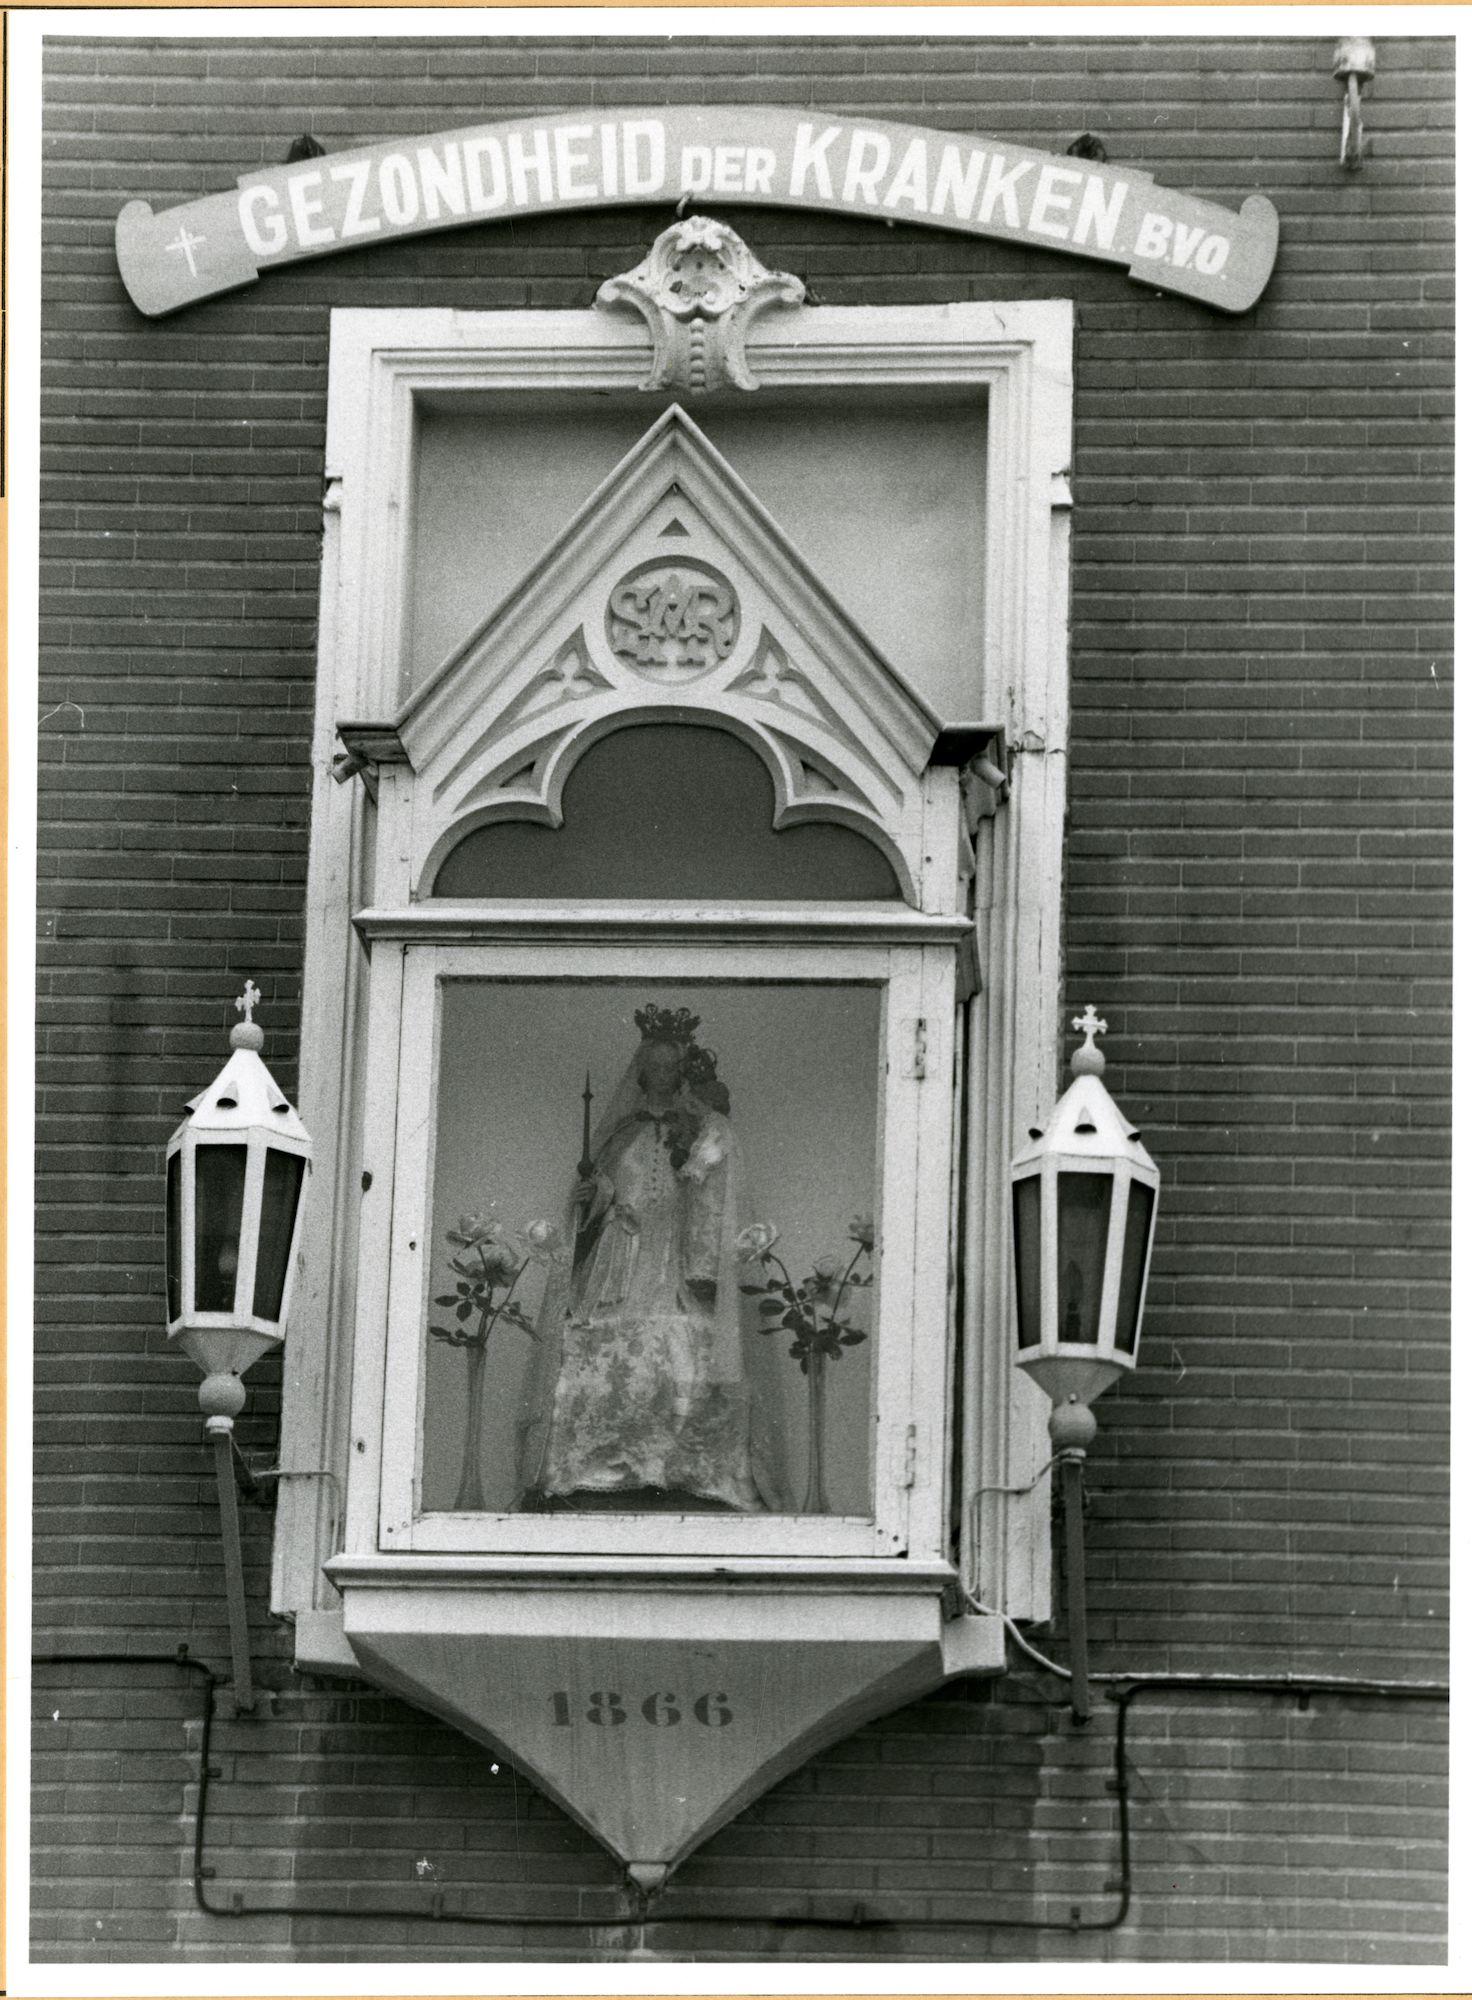 Gent: Gulden Vliesstraat 113: Gevelkapel: Maria met Kind, 1979